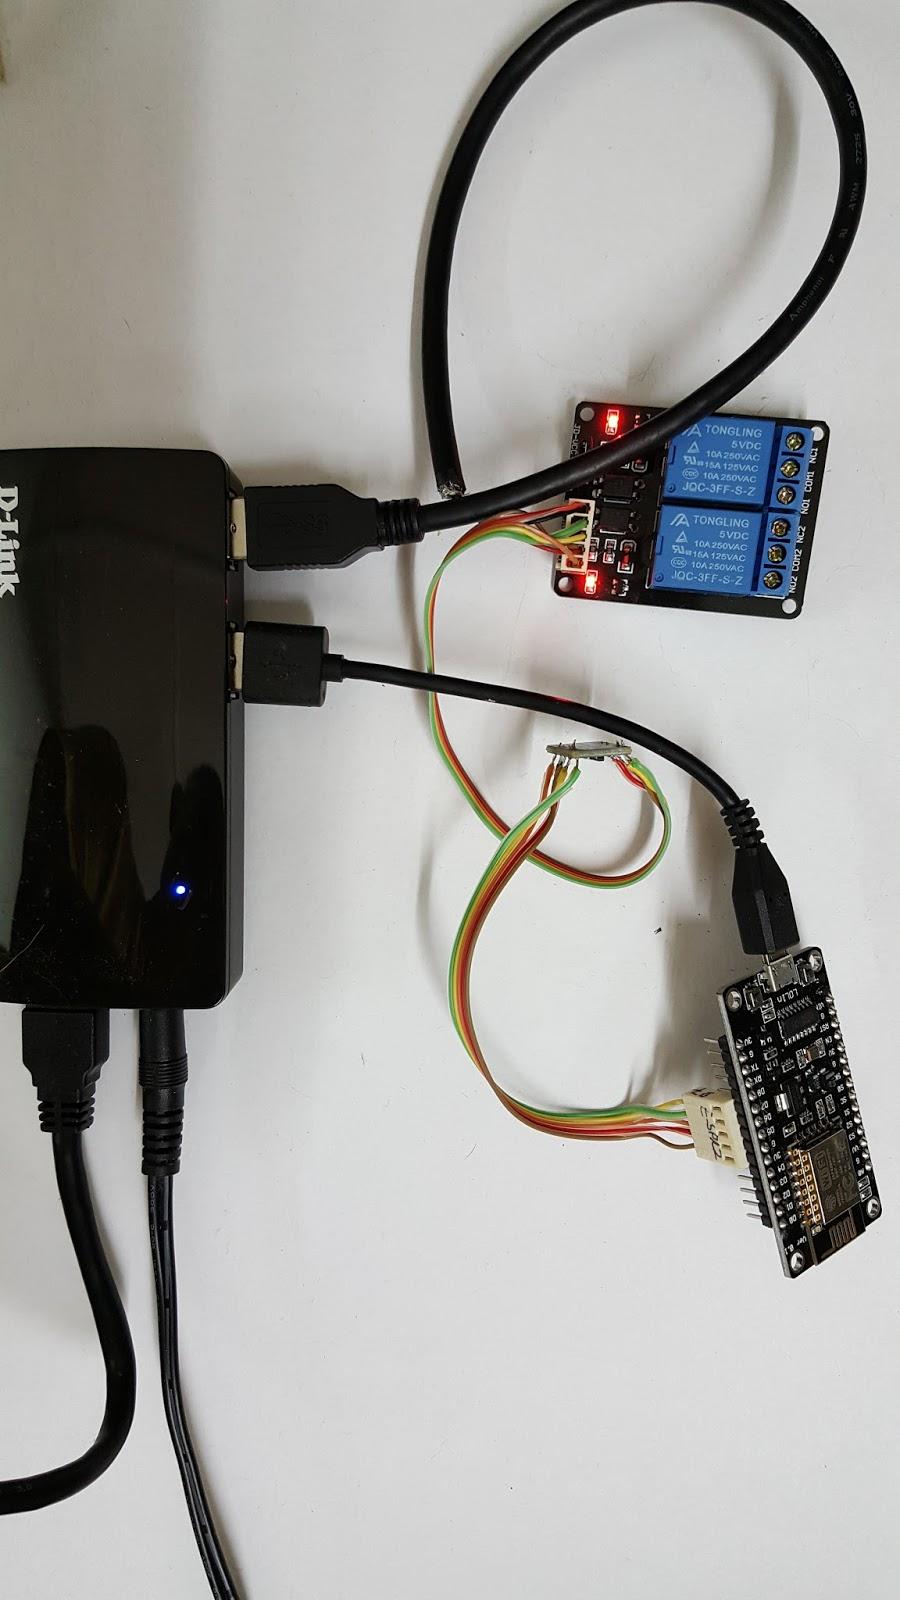 Cmheongs Blog Iot Relay Switch Using The Esp8266 Nodemcu Esp 12e Arduino Lua V3 And Ide